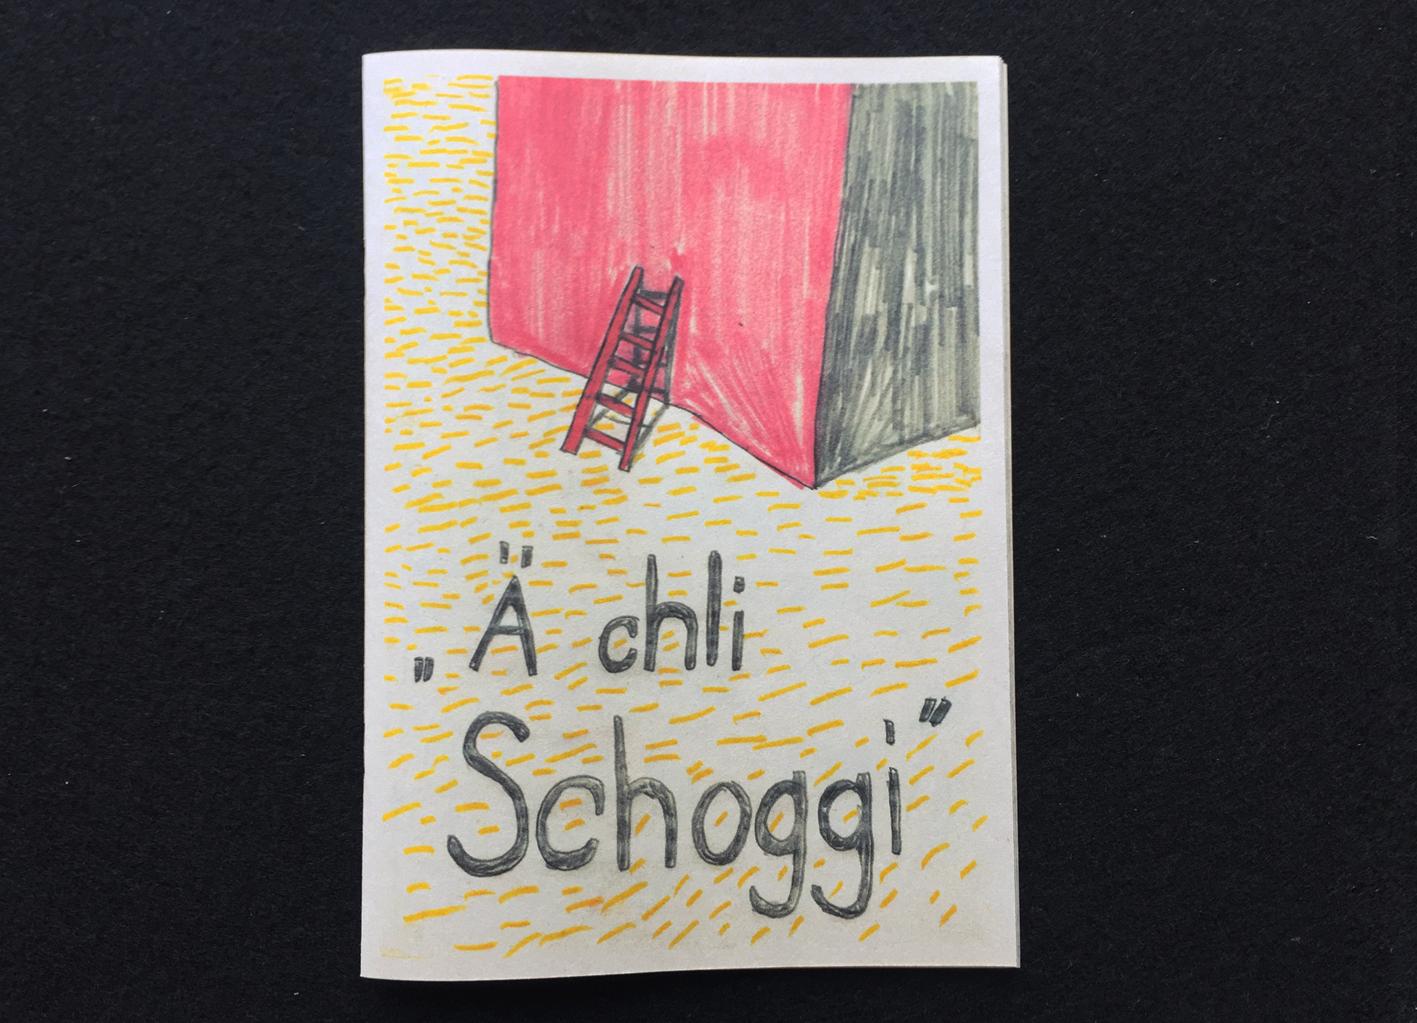 Schoggi_Cover